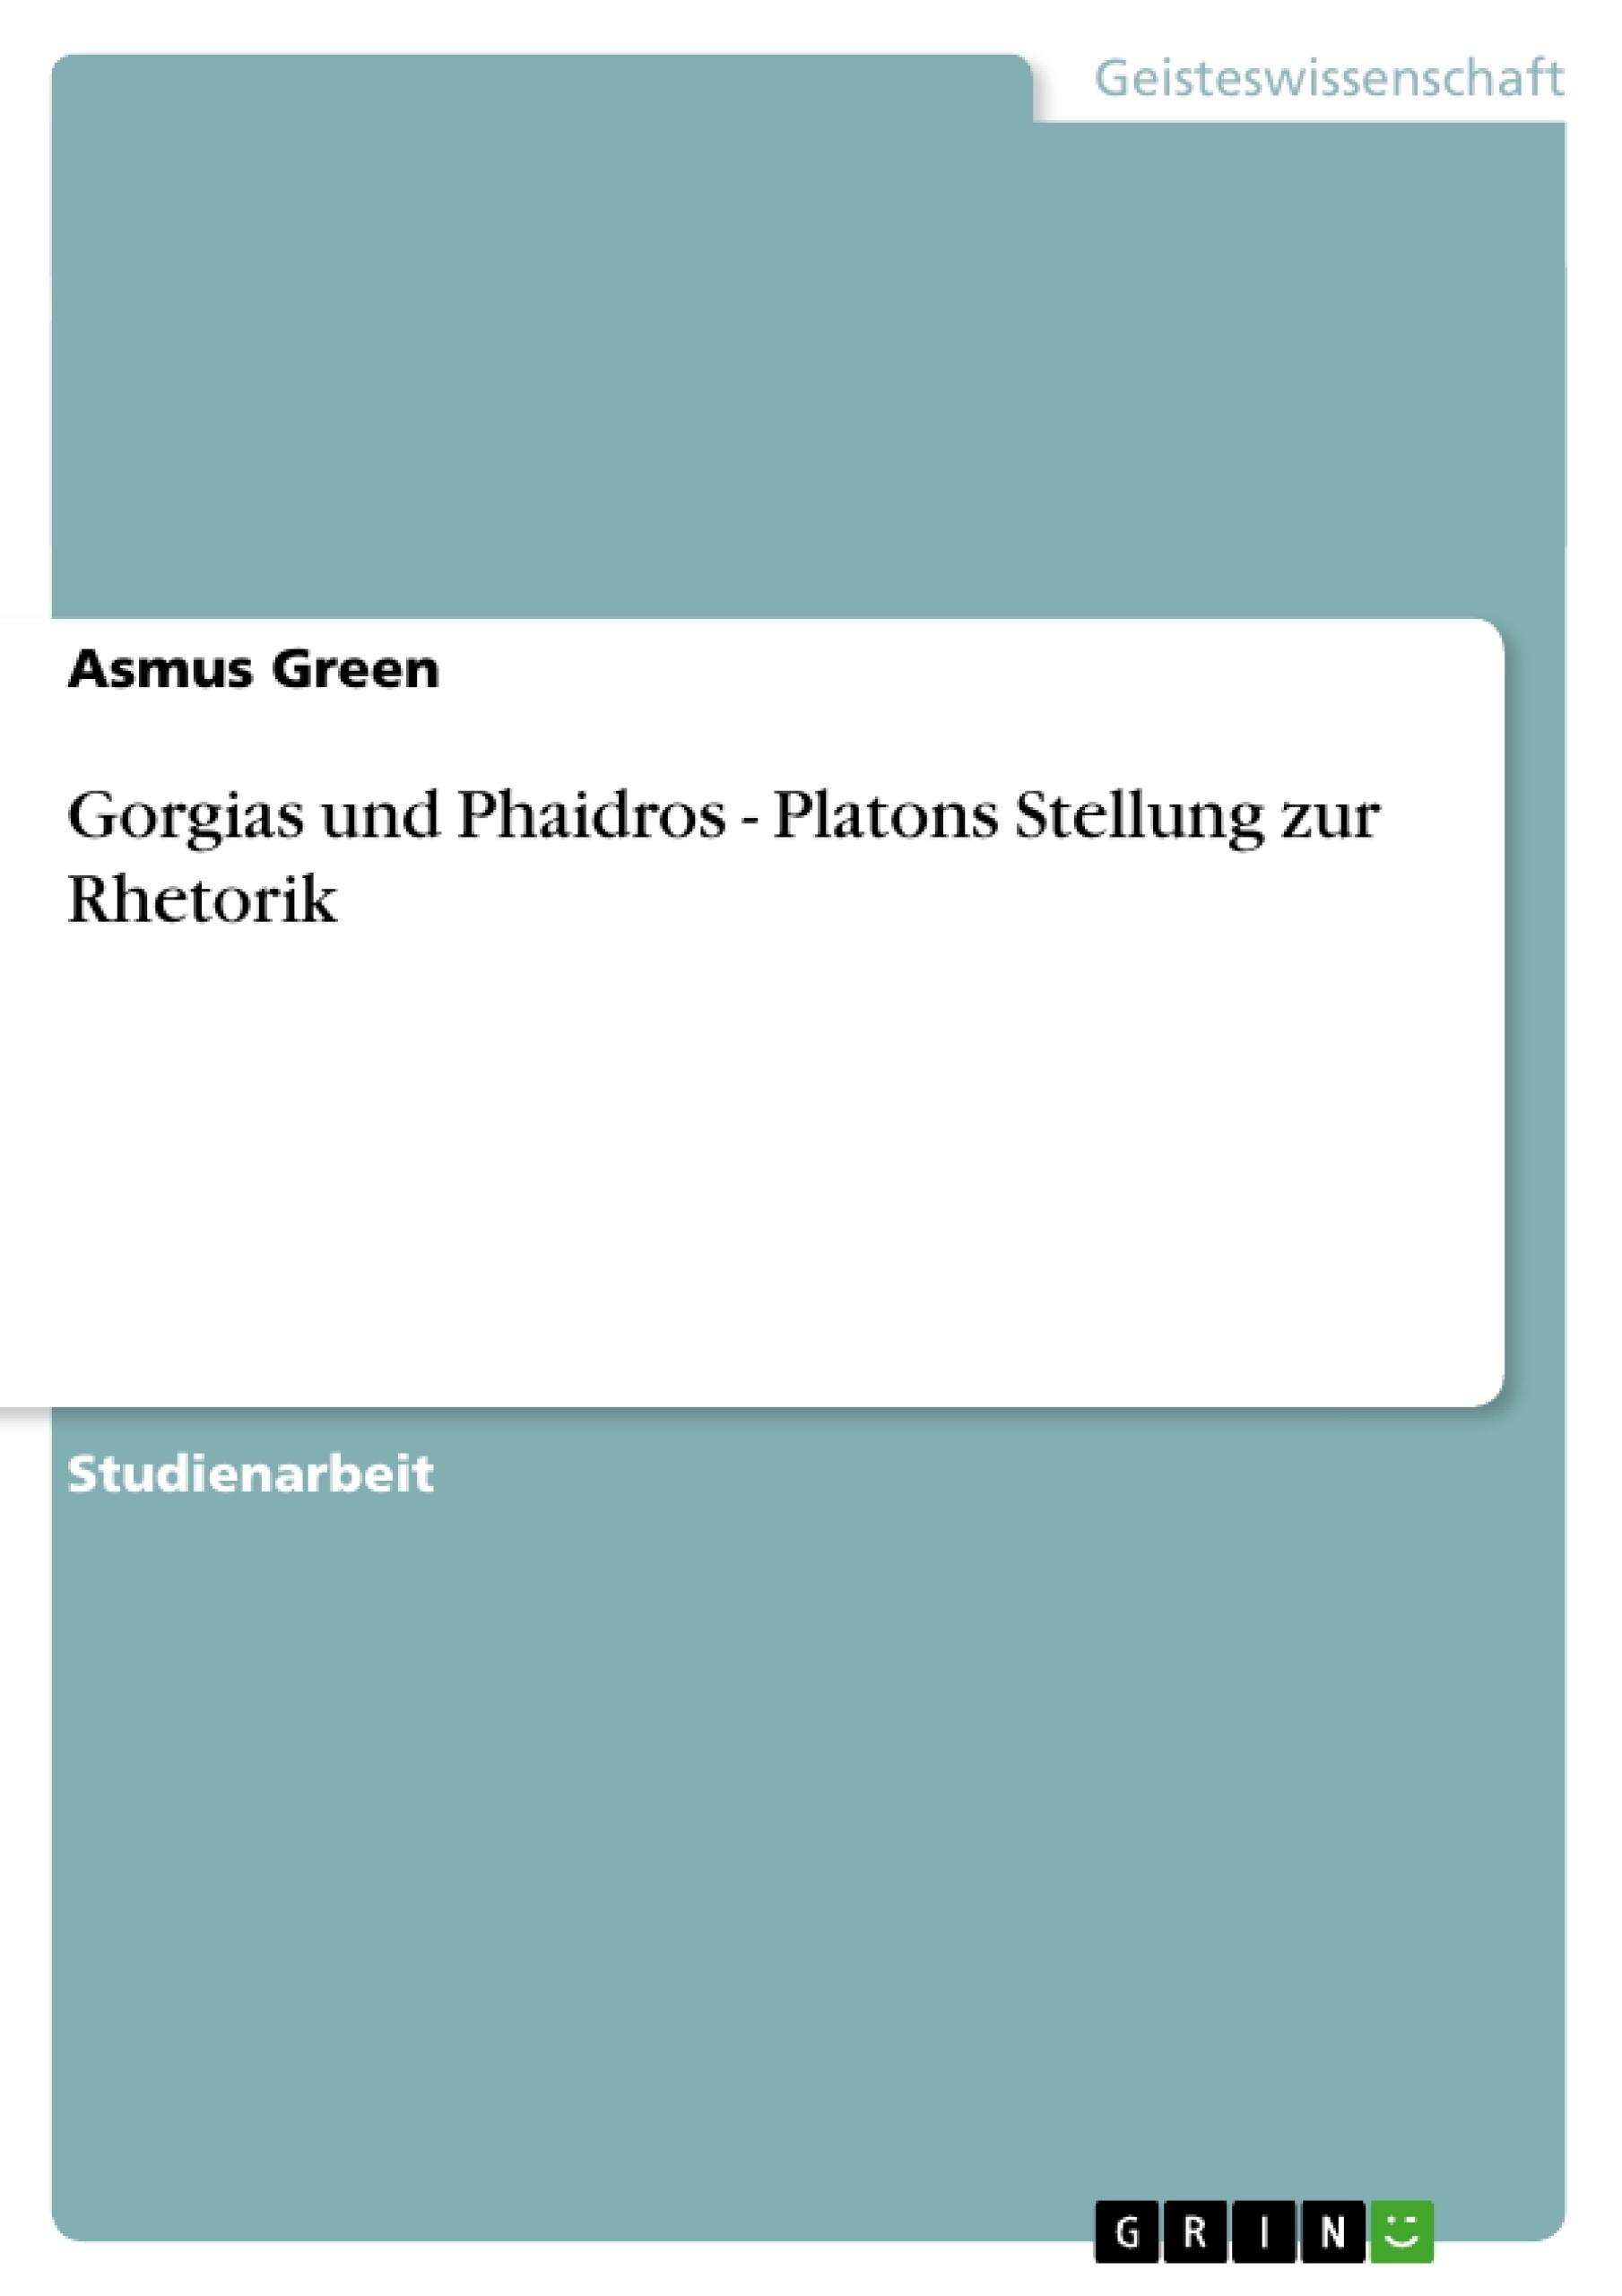 Titel: Gorgias und Phaidros - Platons Stellung zur Rhetorik